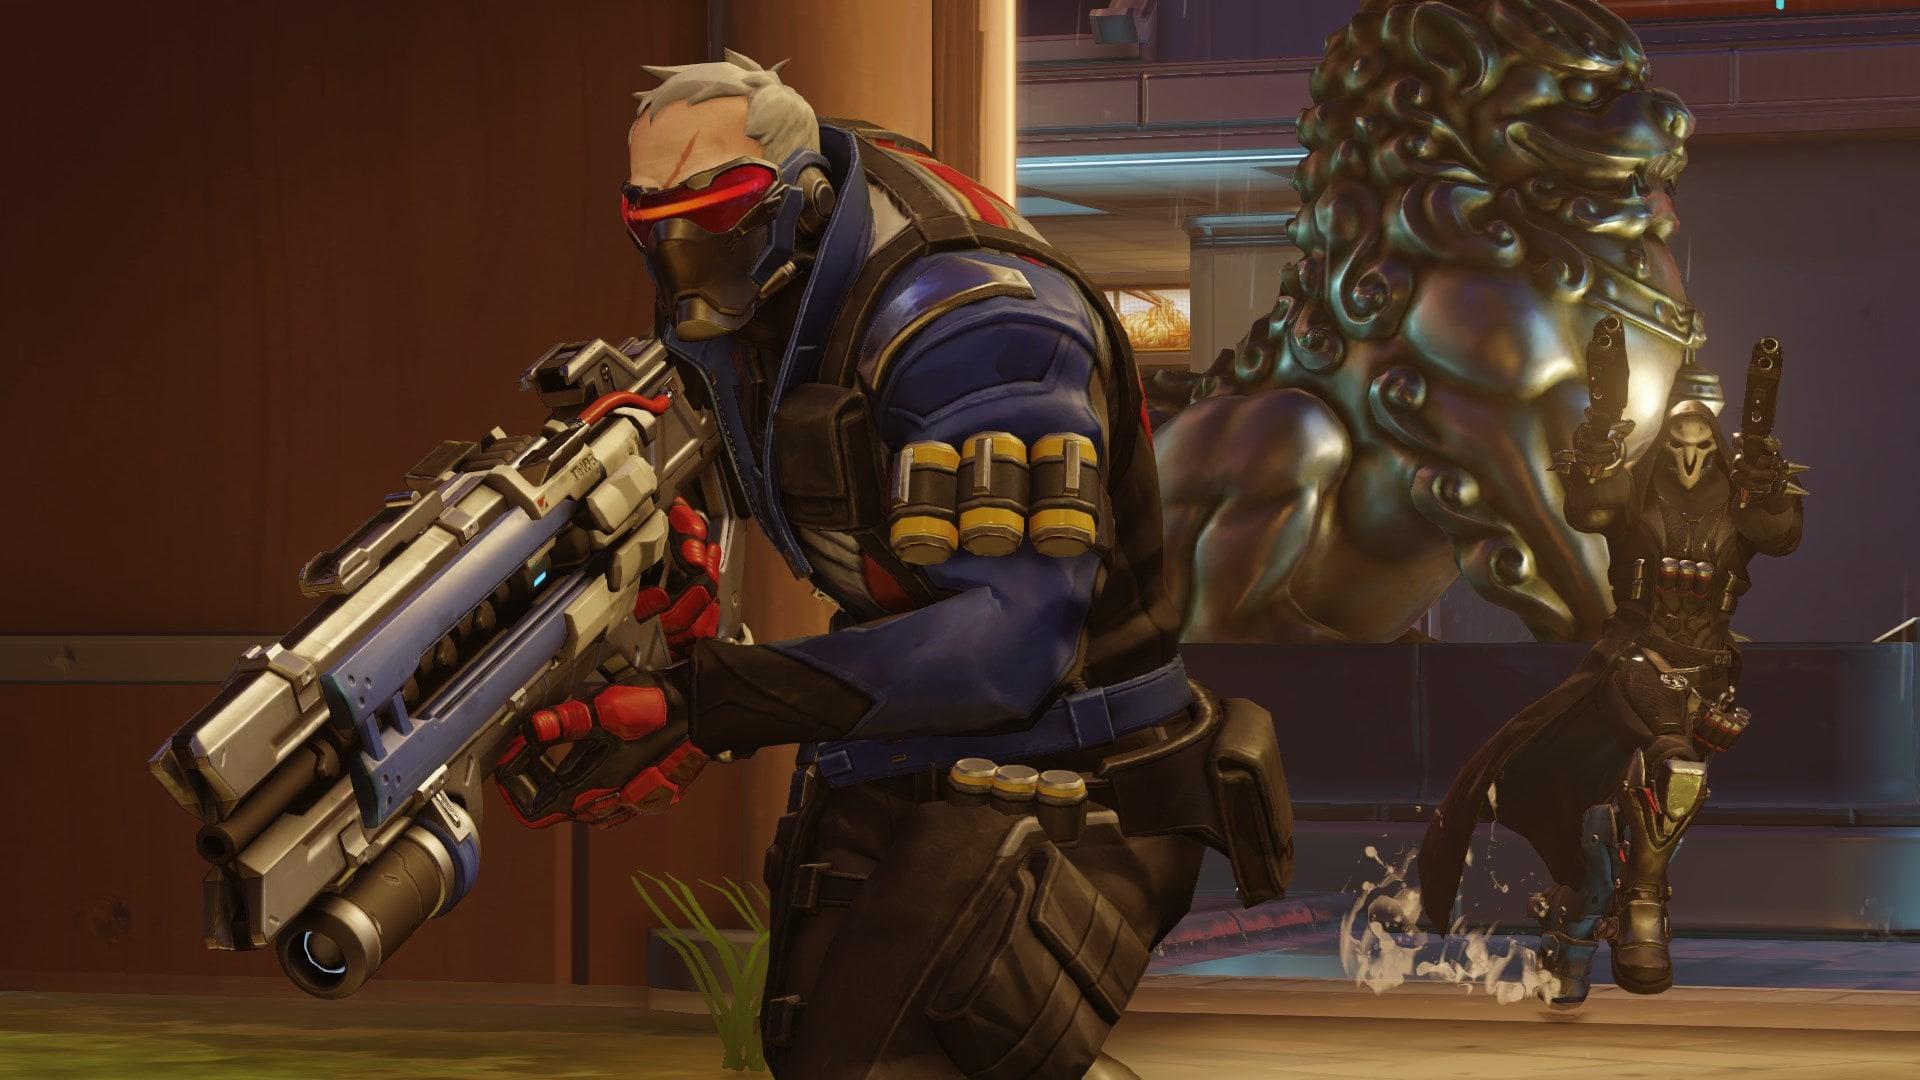 Overwatch : Soldier: 76 Desktop wallpaper